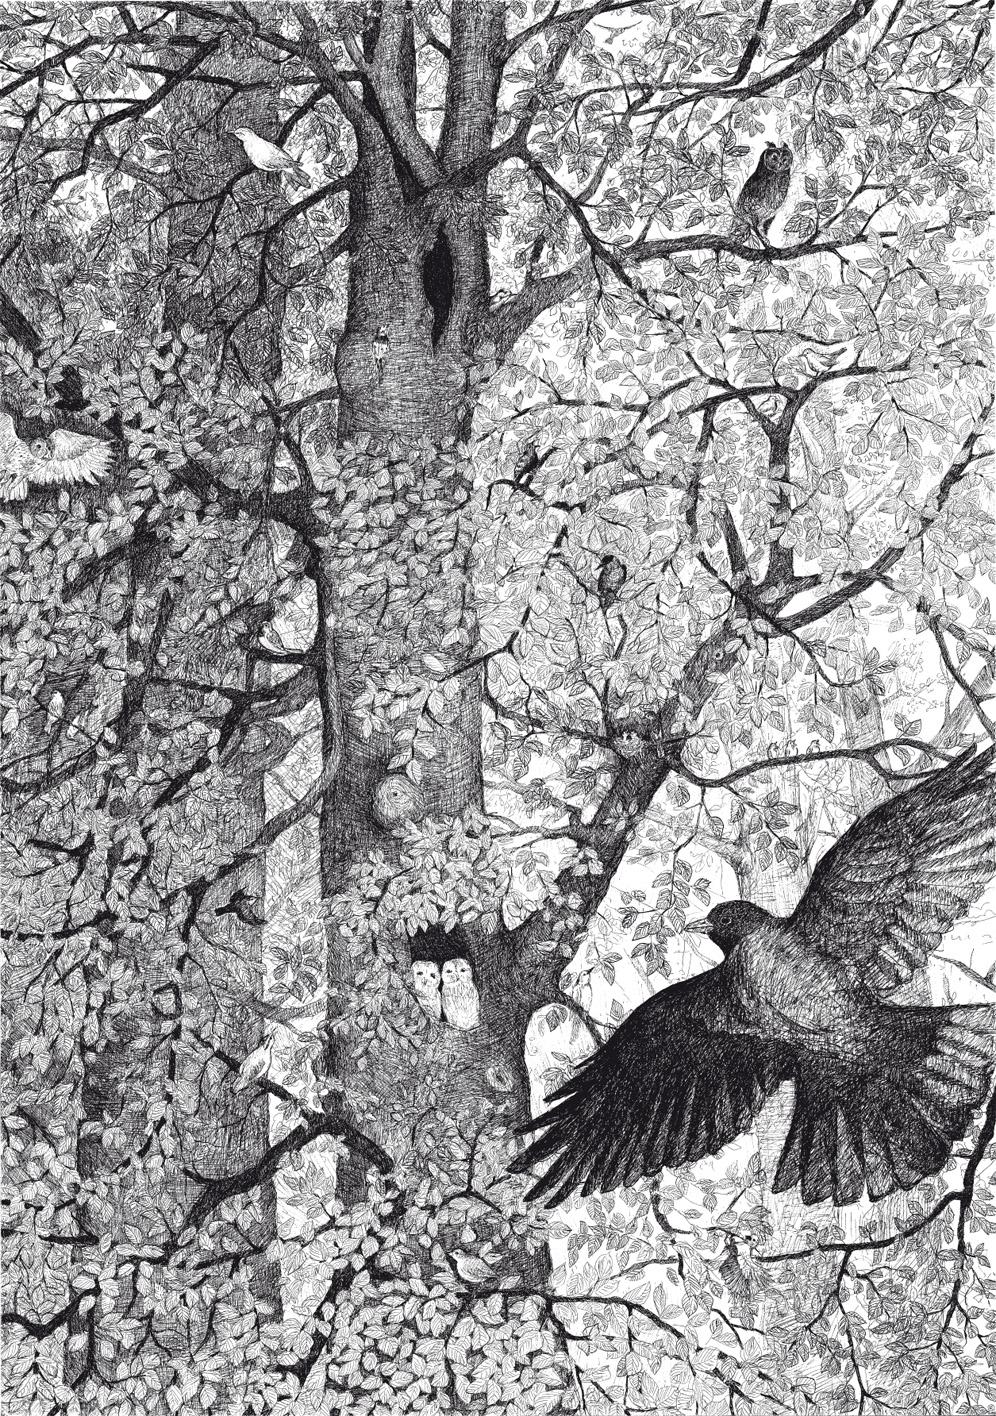 Waar bomen staan die alleen vogels kennen, 2015, 70×100 cm, fineliner op papier